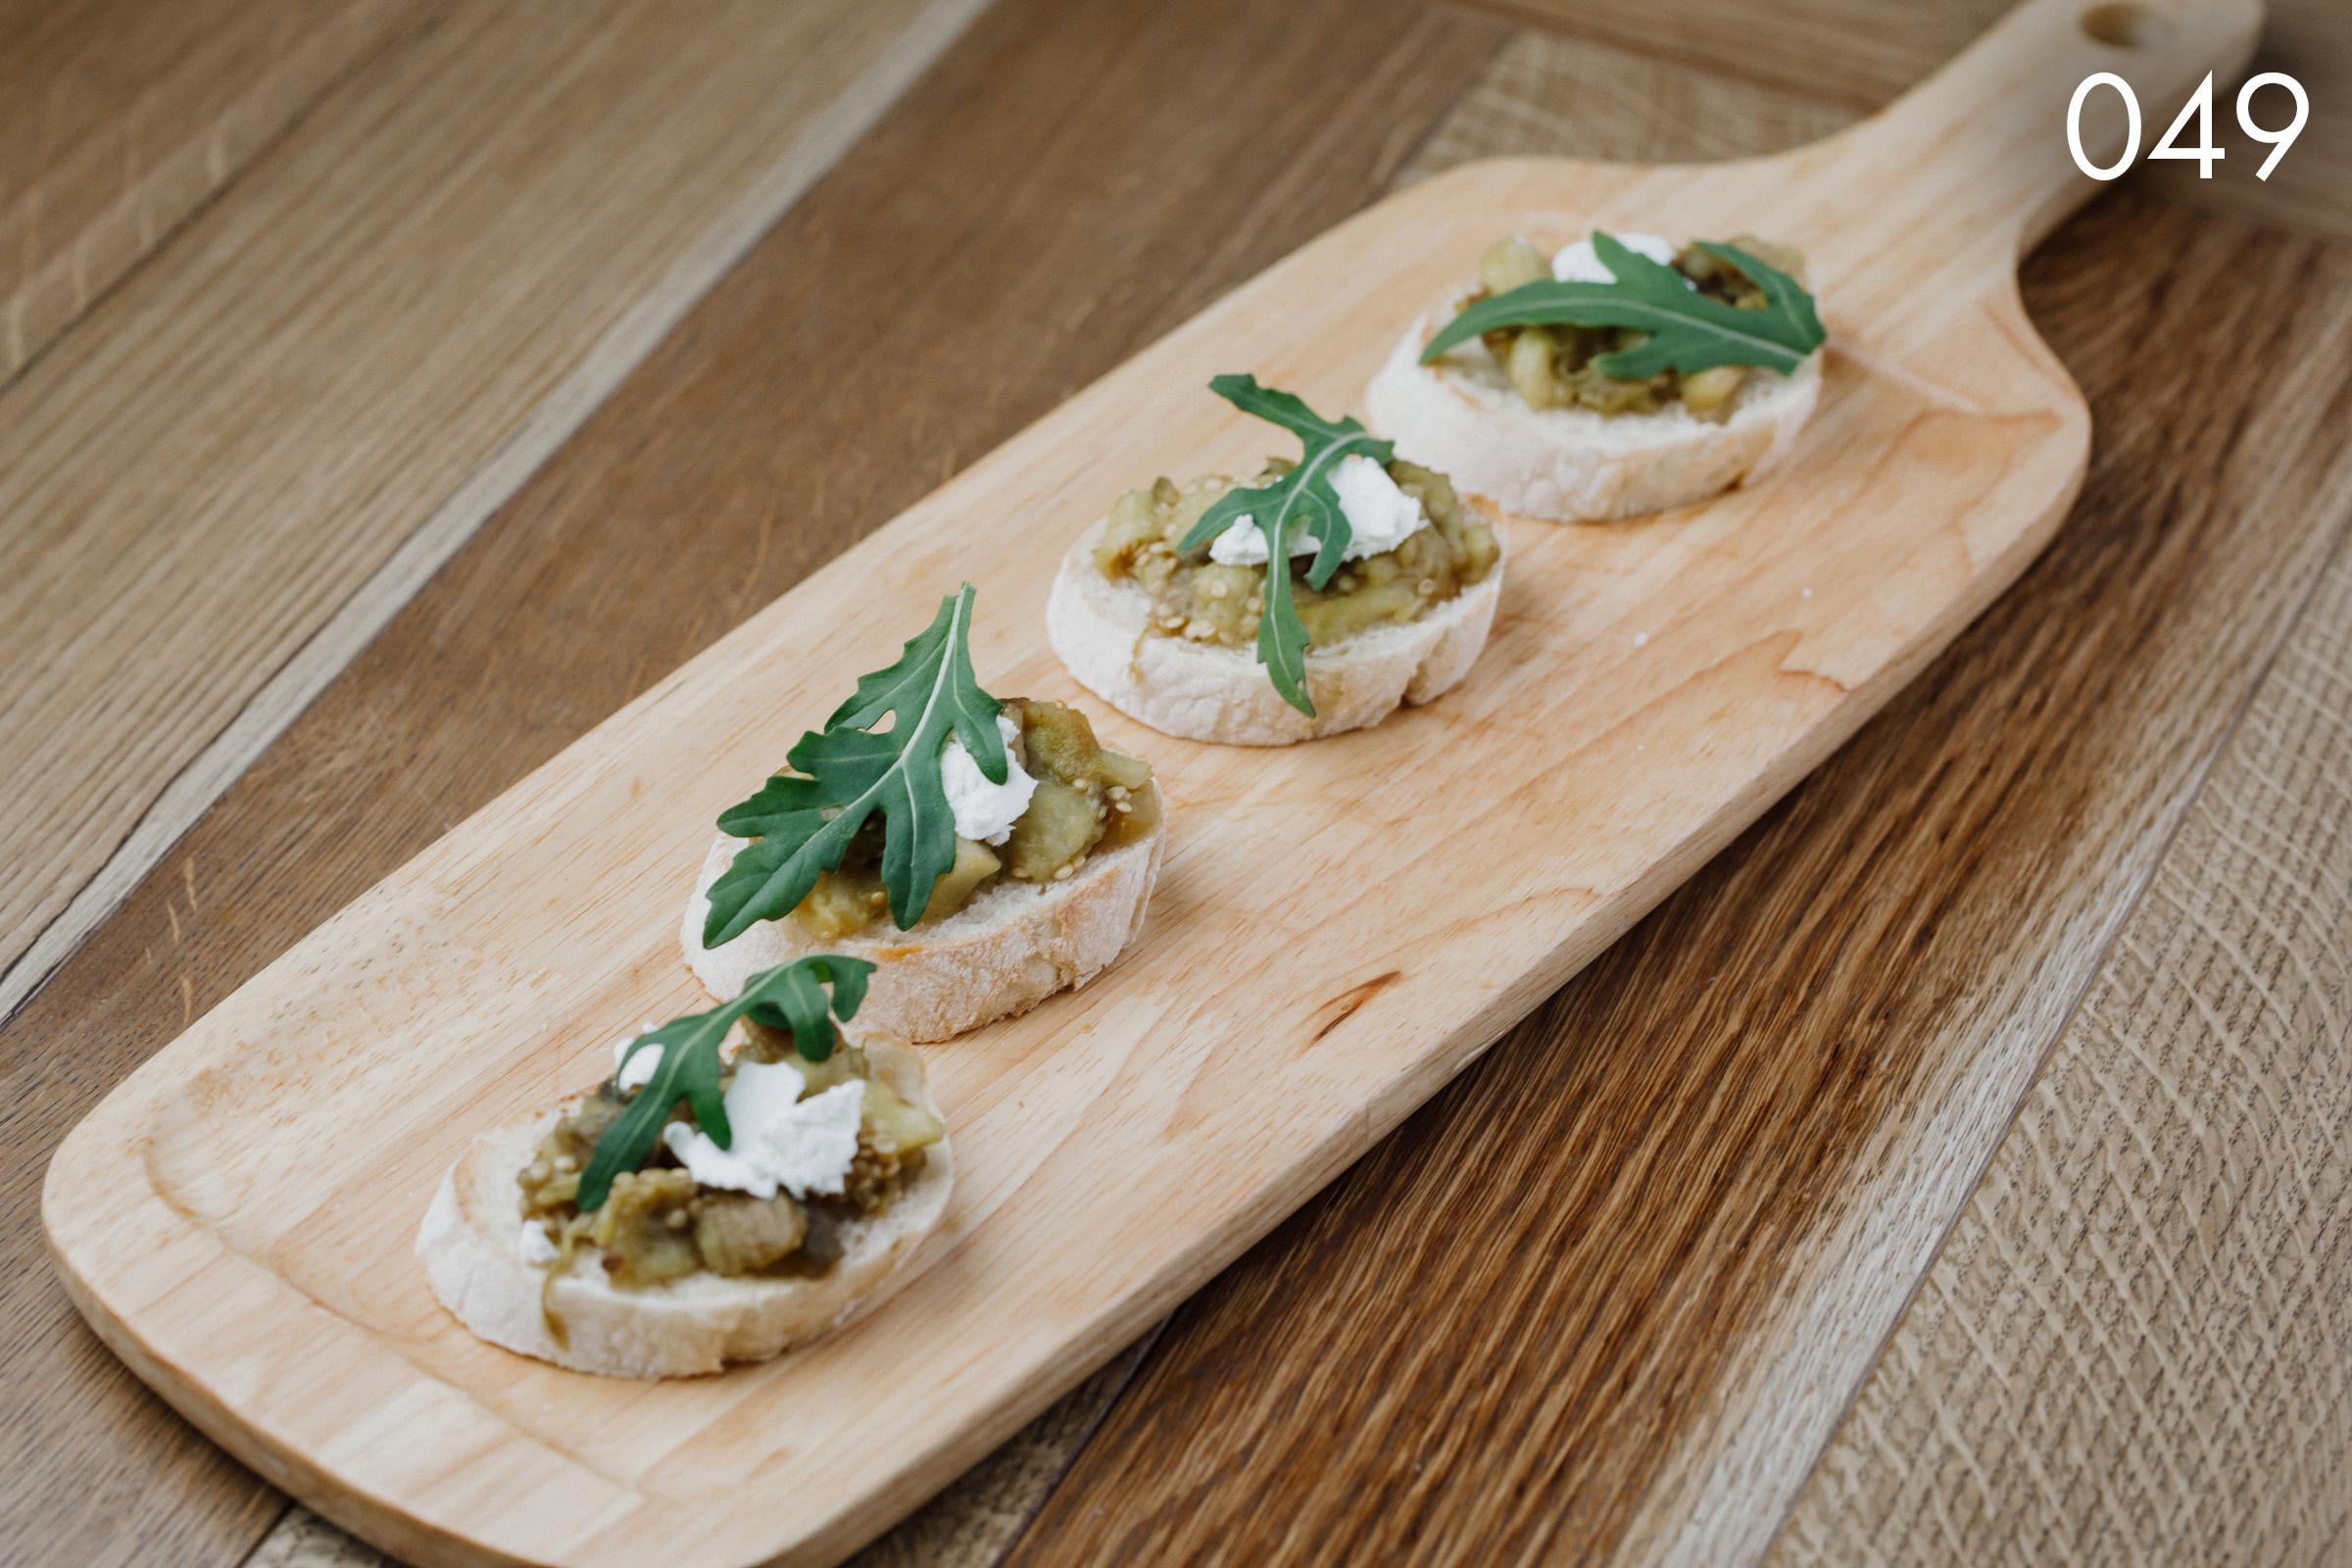 брускетты с сыром фета, печеным баклажаном и маслом кукурузного зародыша в ресторане Веранда